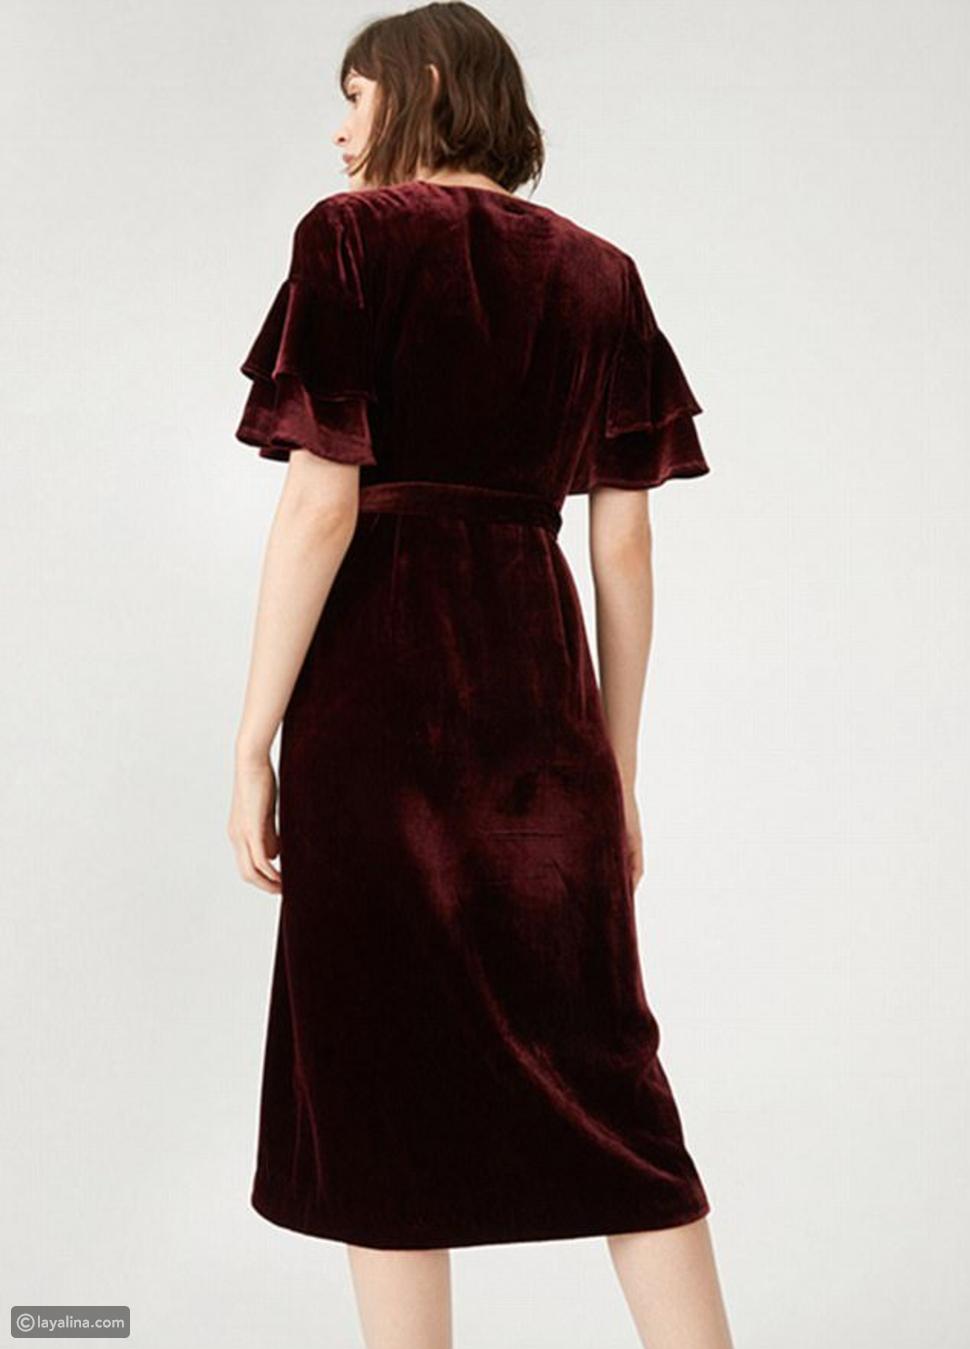 شكل فستان ميغان ماركل من الخلف